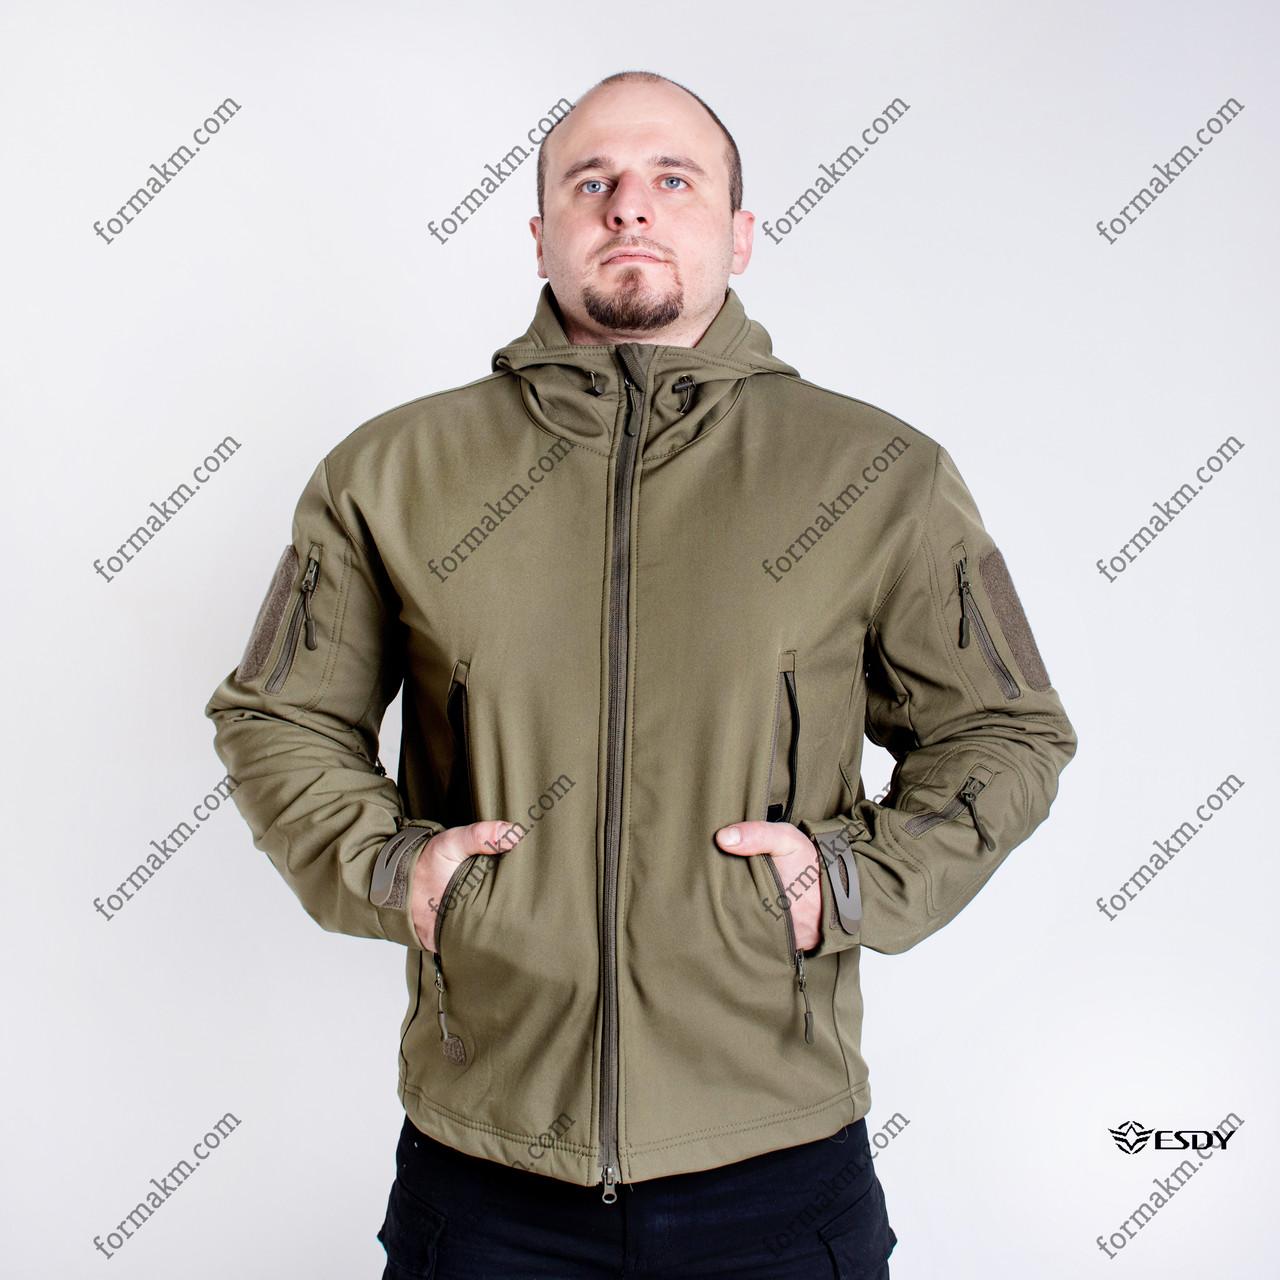 Тактическая Куртка Soft Shell ESDY TAC.-01 Olive непромокаемая